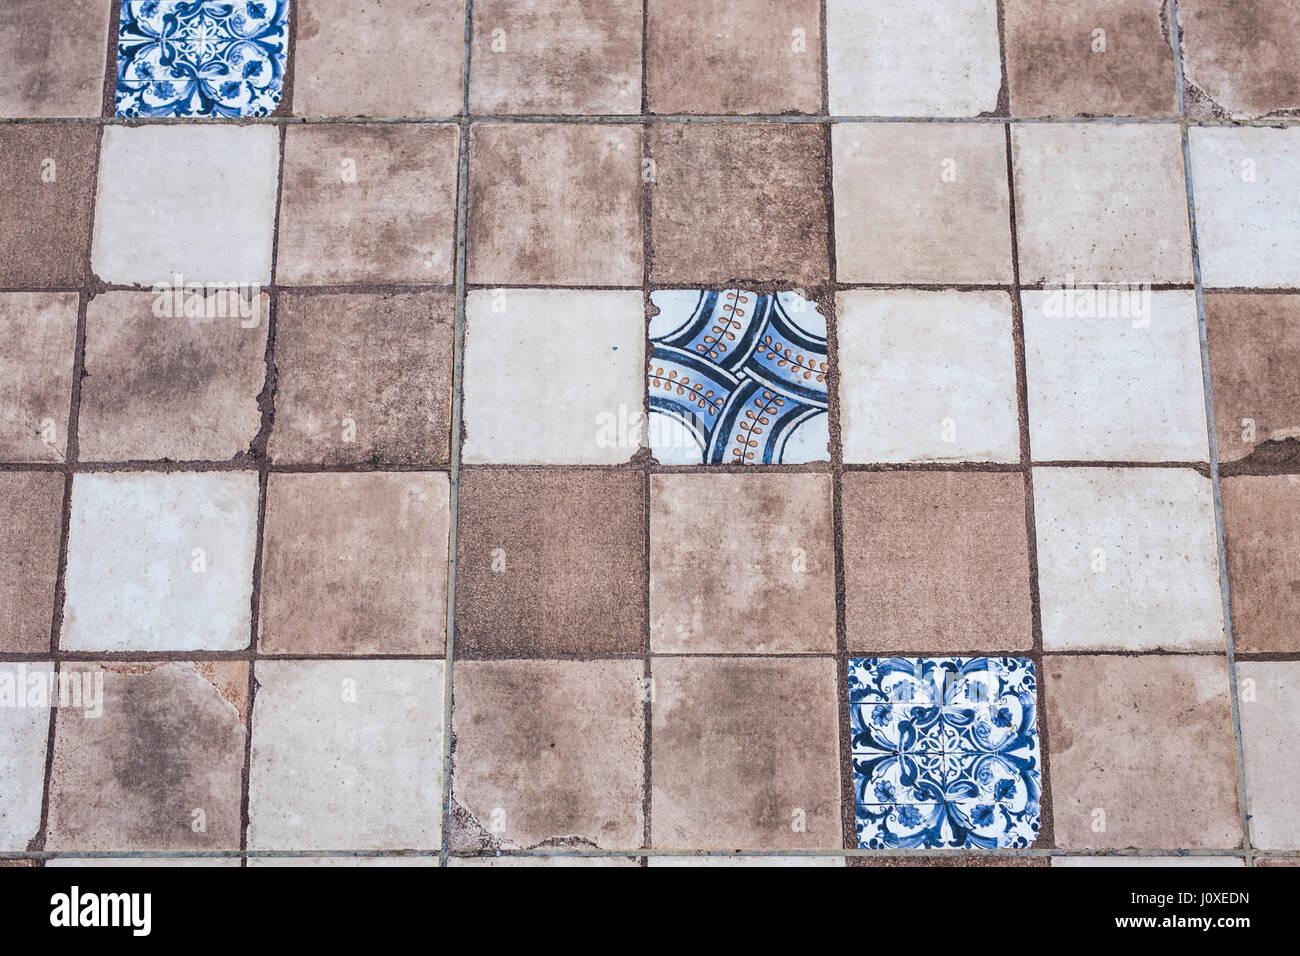 Old ceramic tile